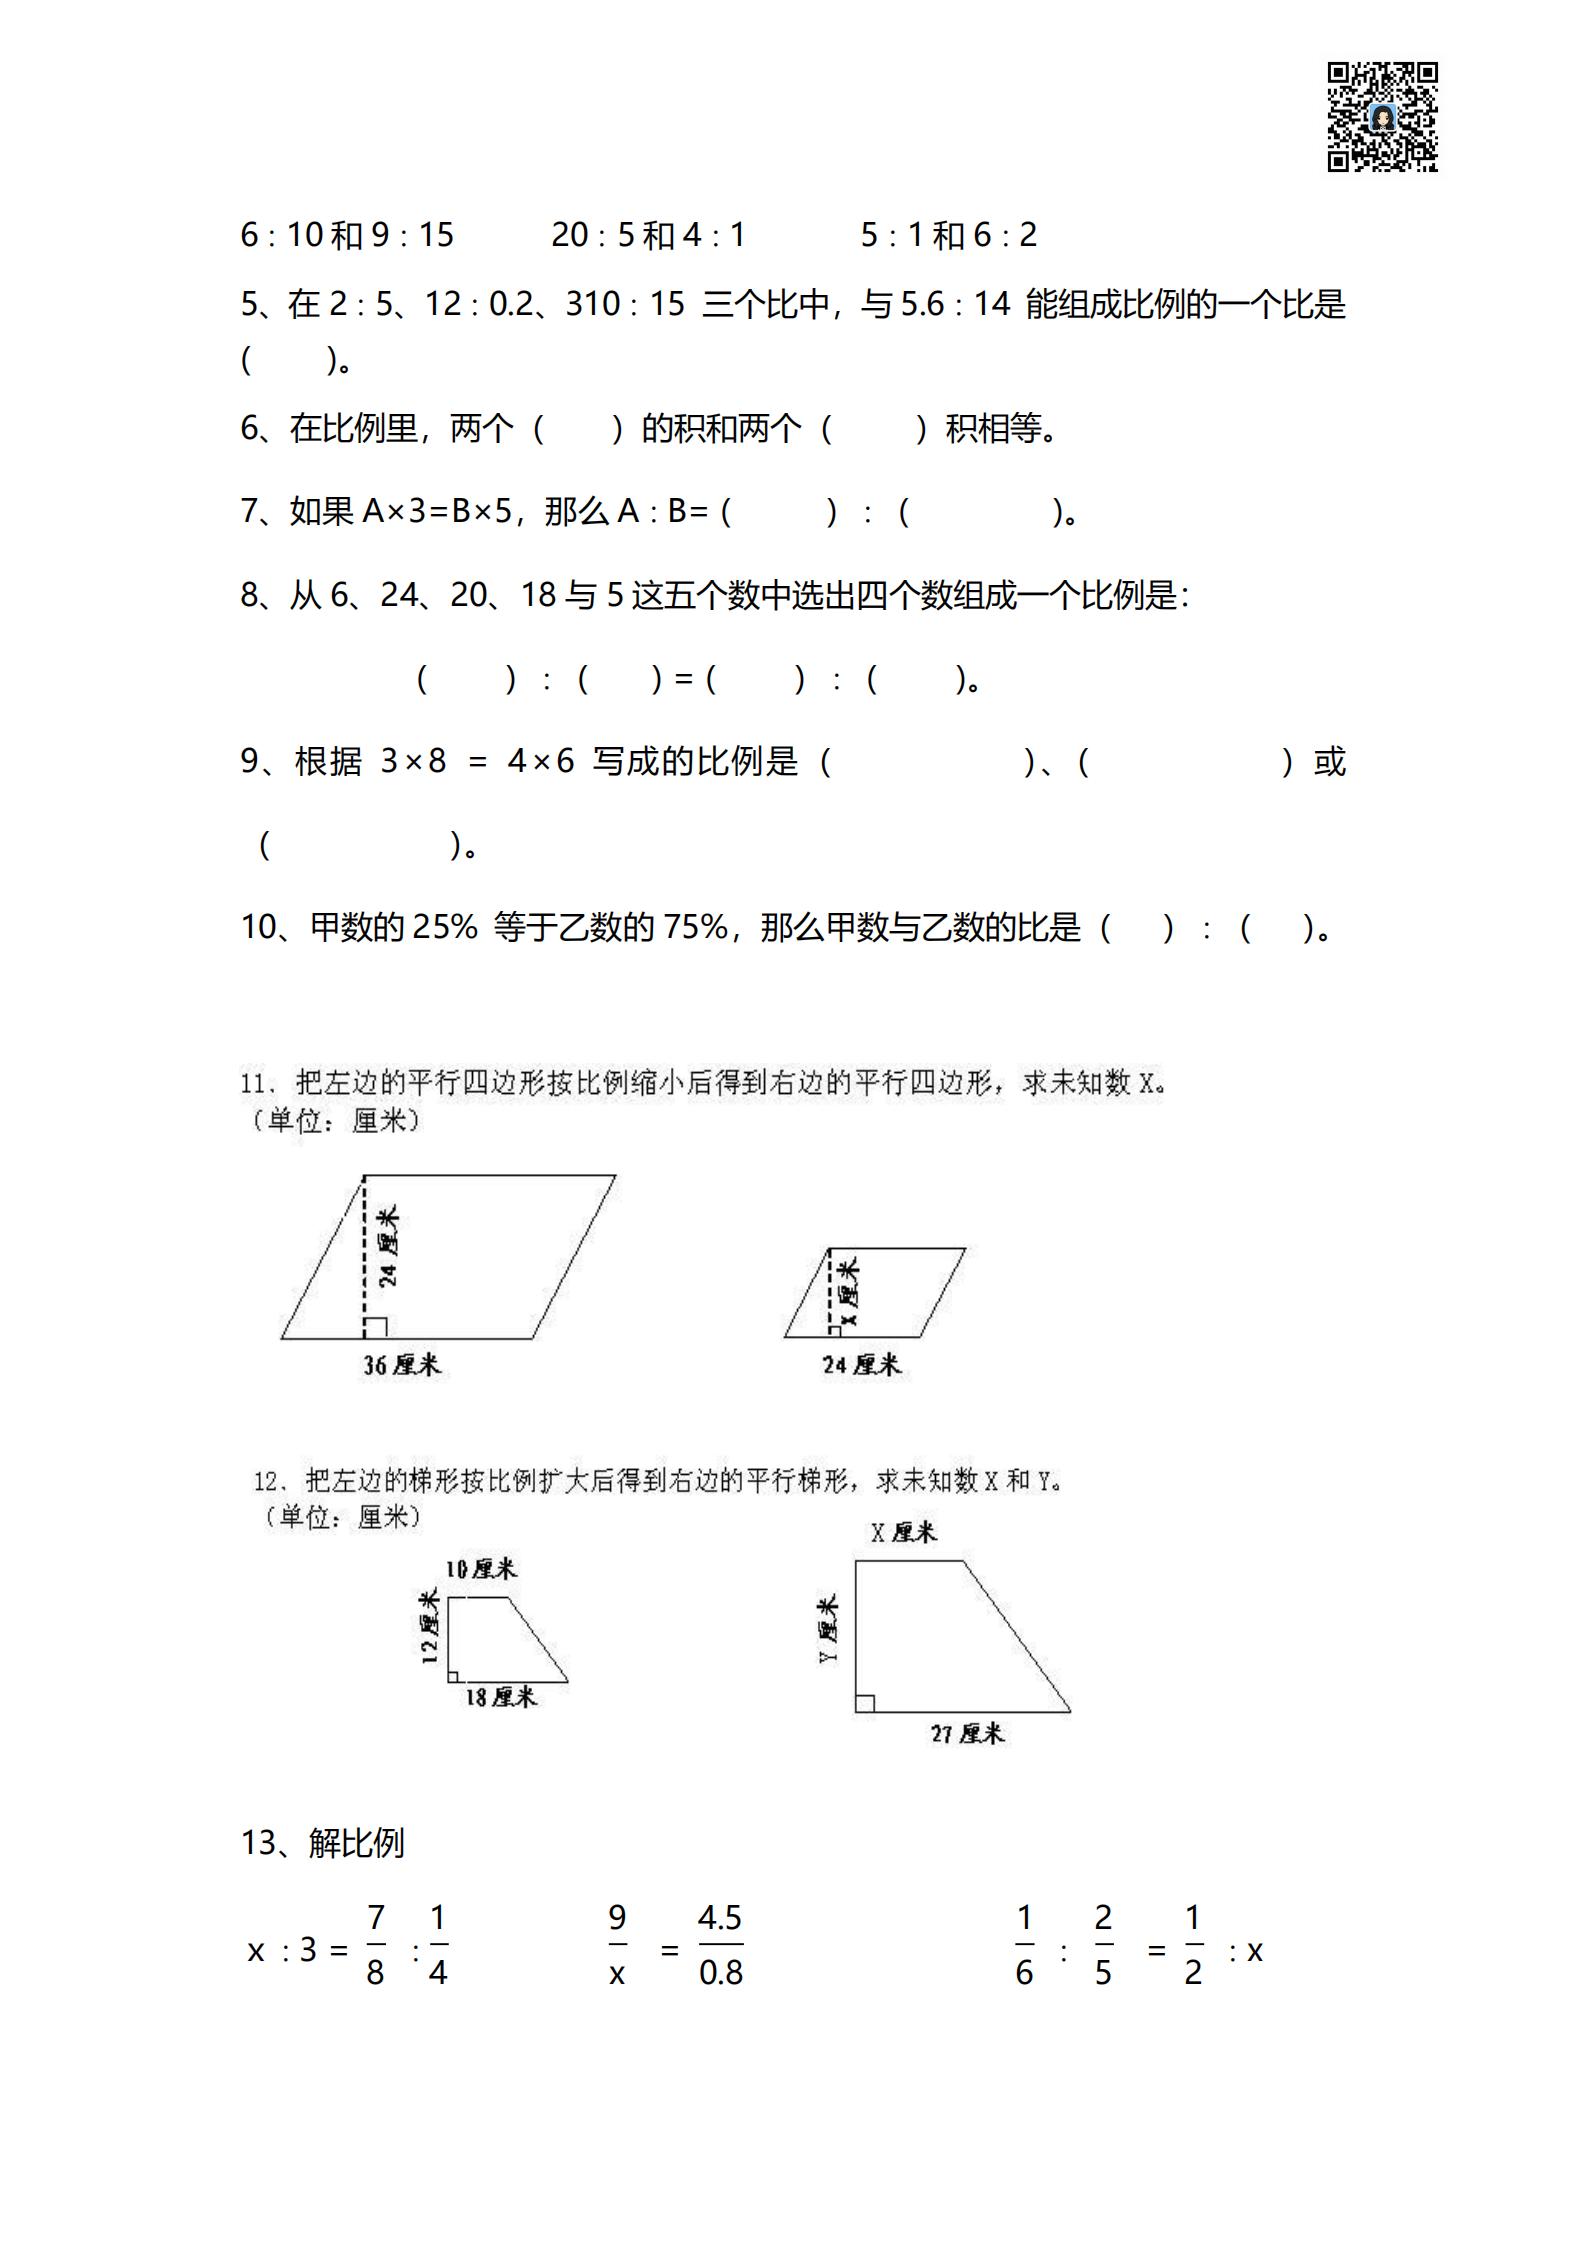 【数学】高频考点-四大专题知识点精选题_22.png